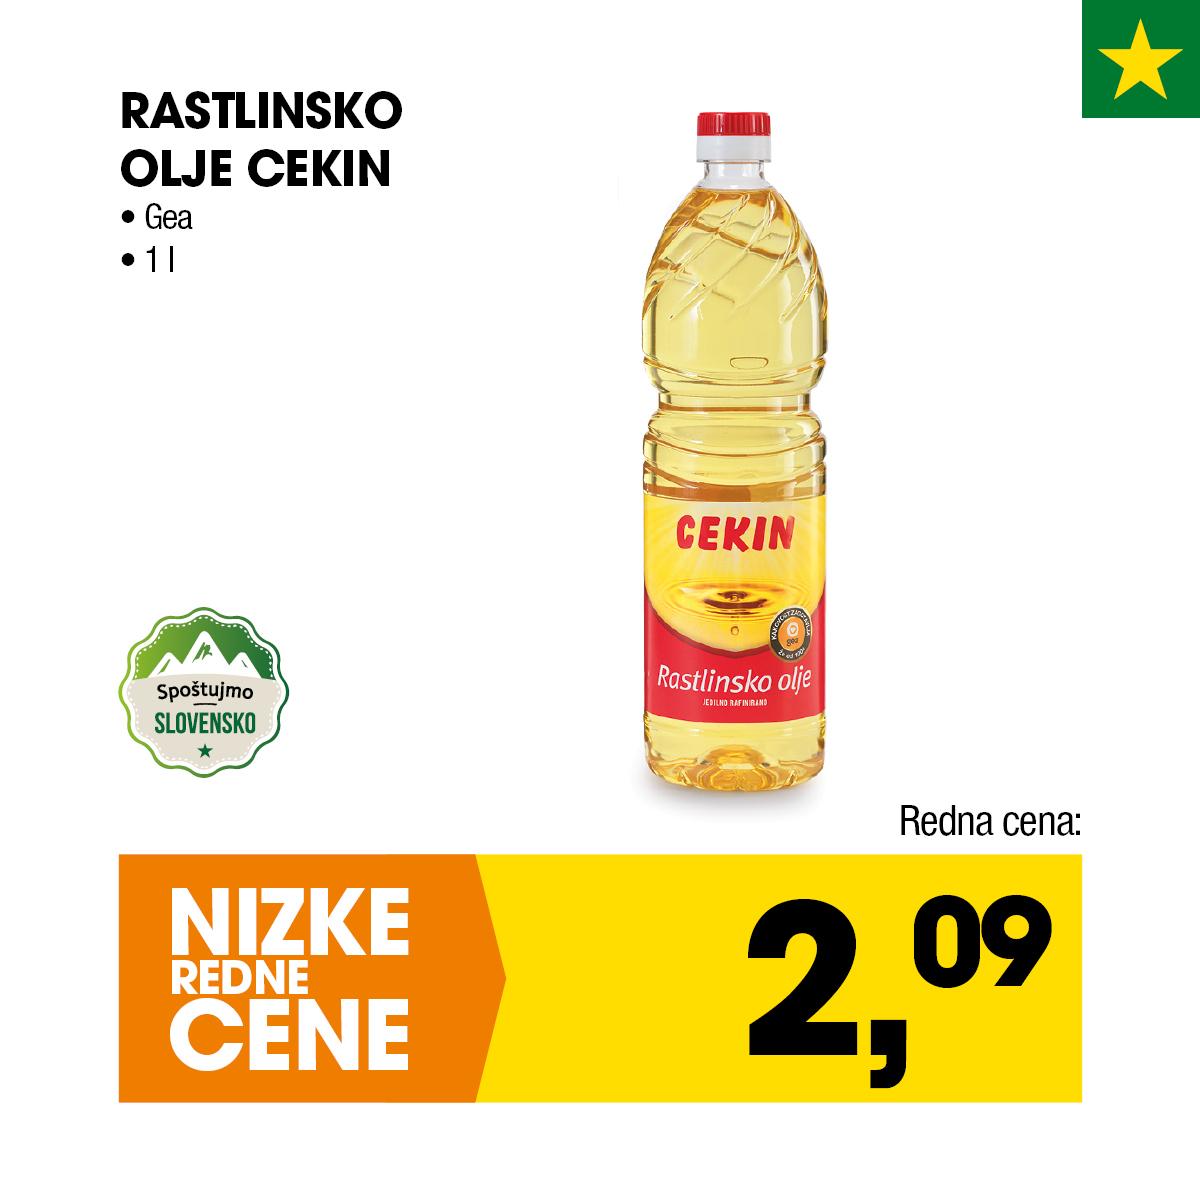 Nizke cene - Rastlinsko olje Cekin